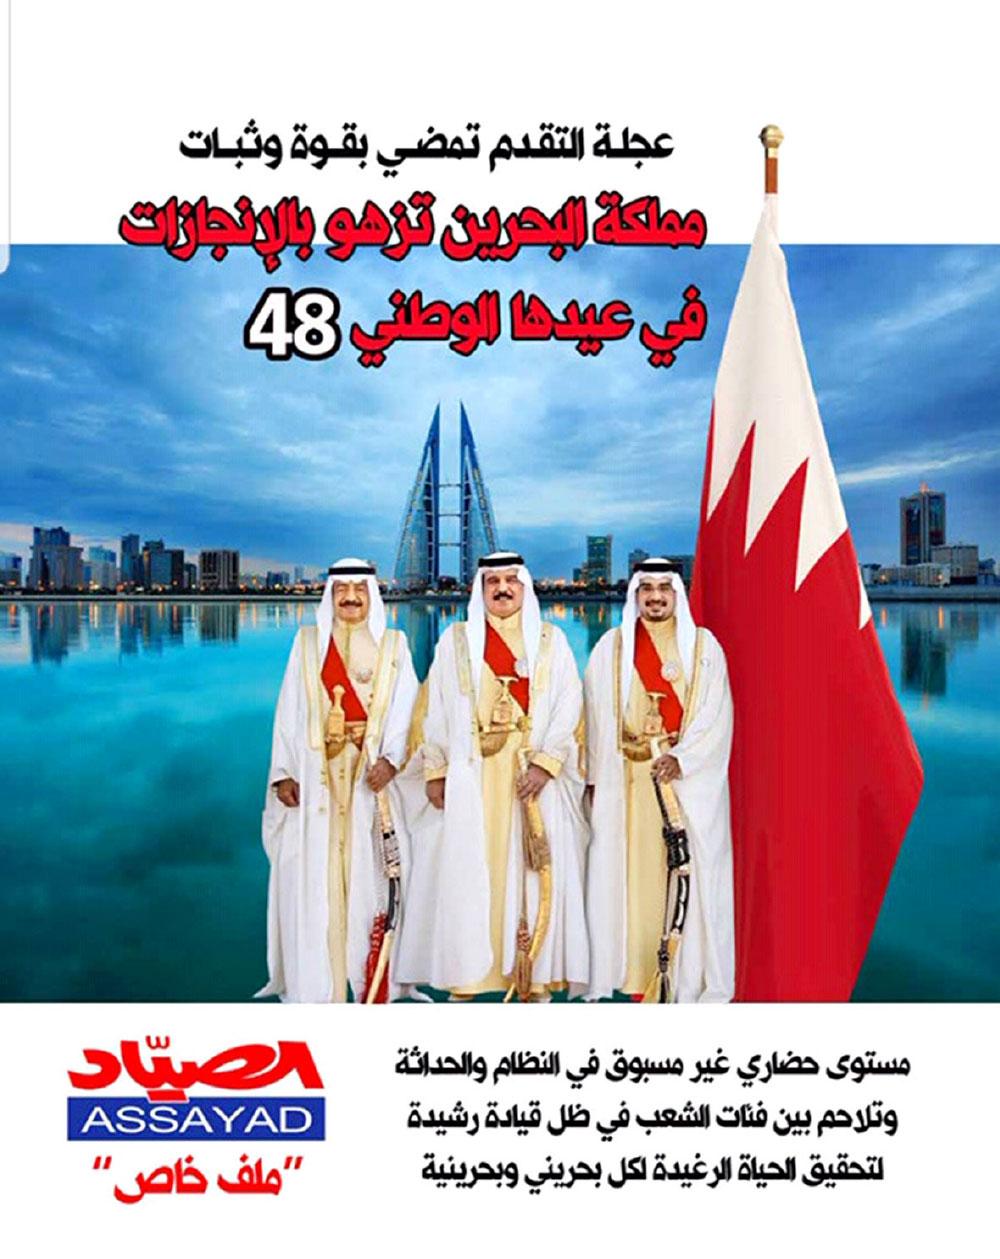 جريدة البلاد الصياد تصدر عددا خاصا عن إنجازات البحرين